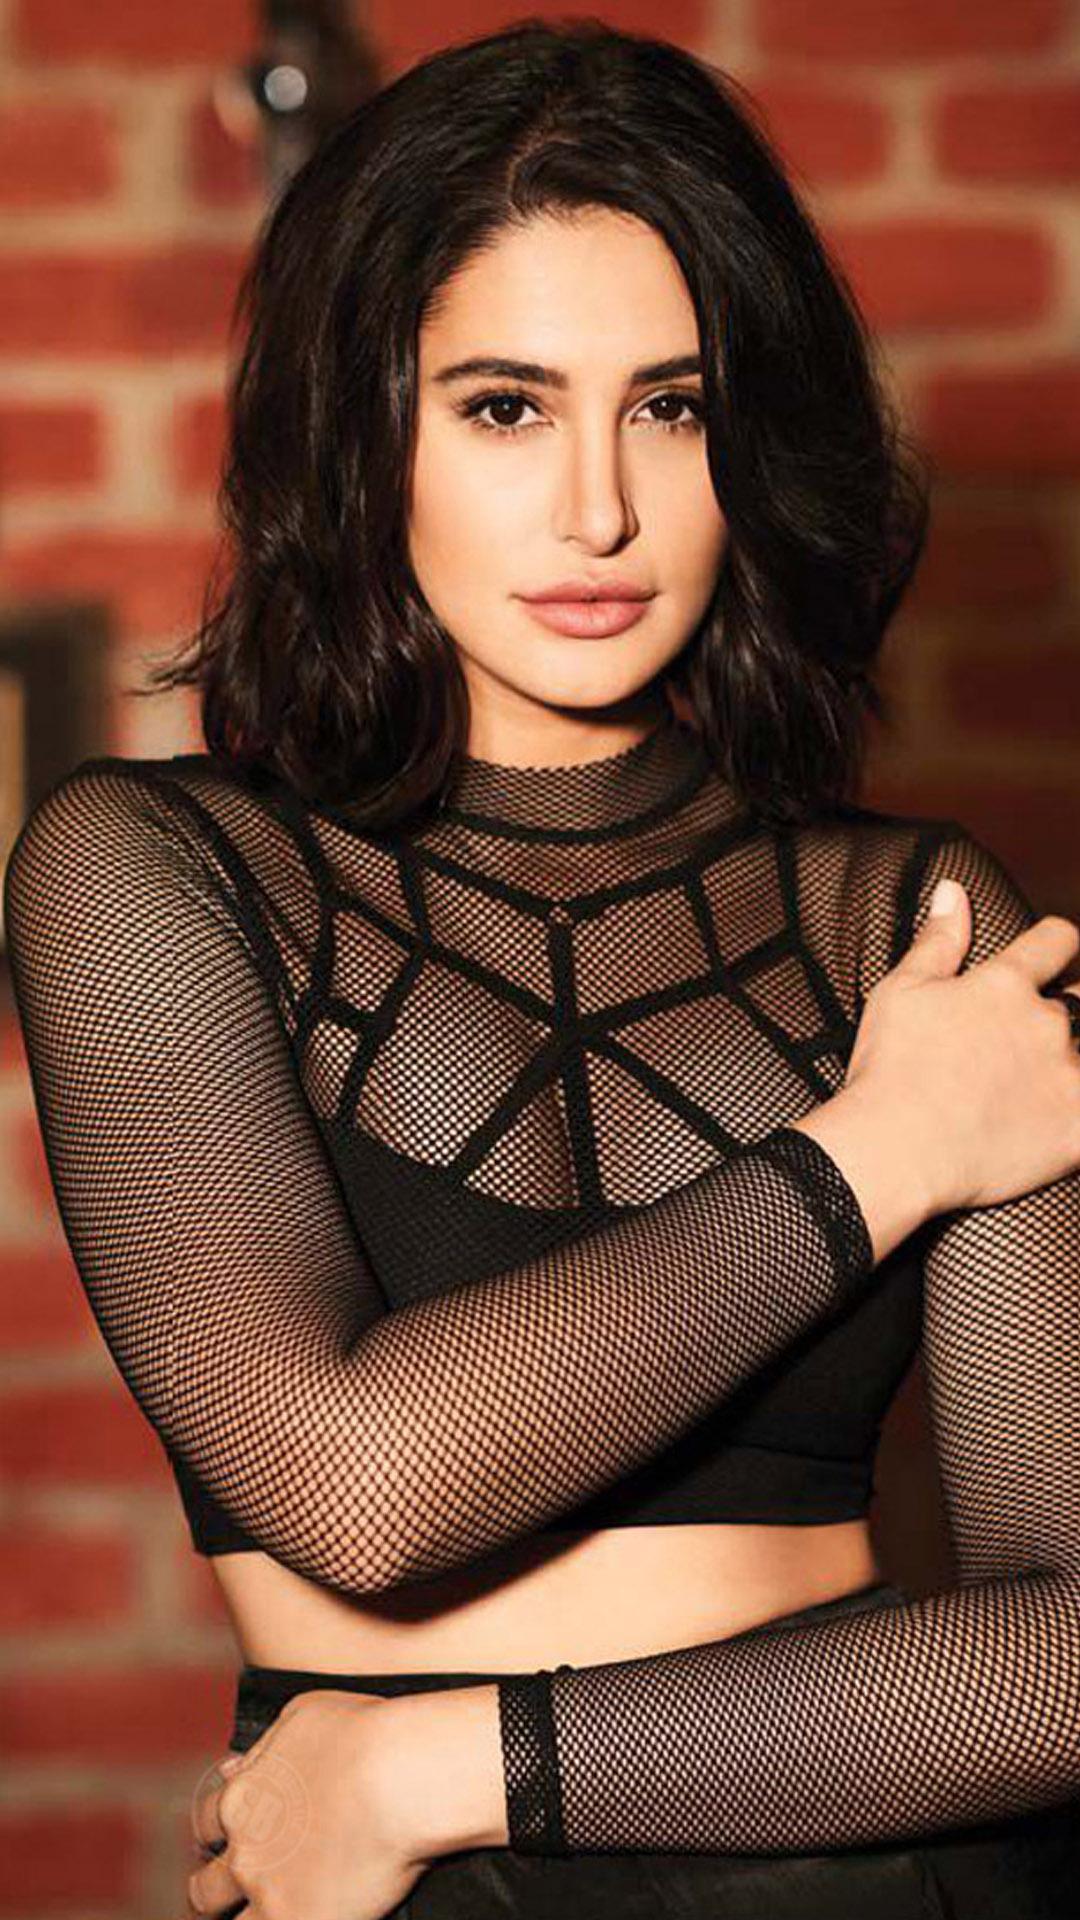 Nargis fakhri dressless fuck